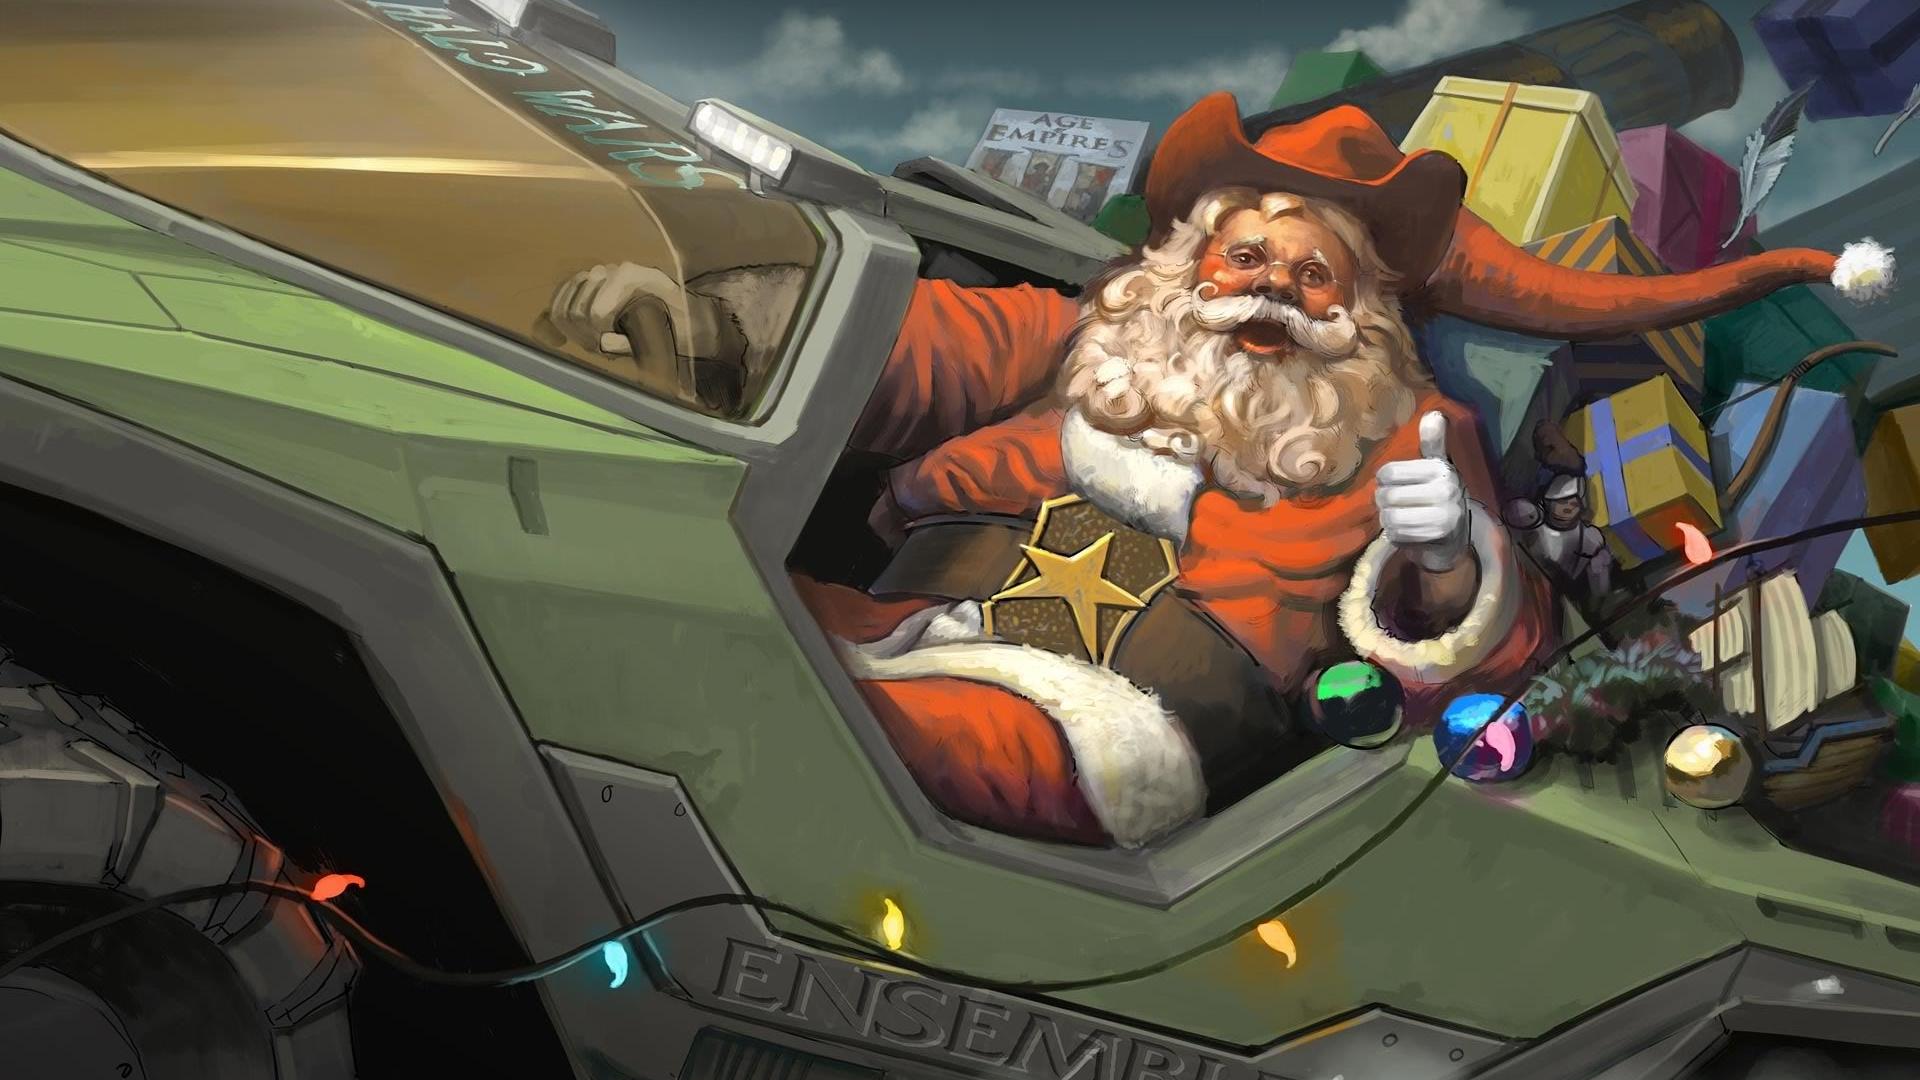 Halo Christmas Wallpaper